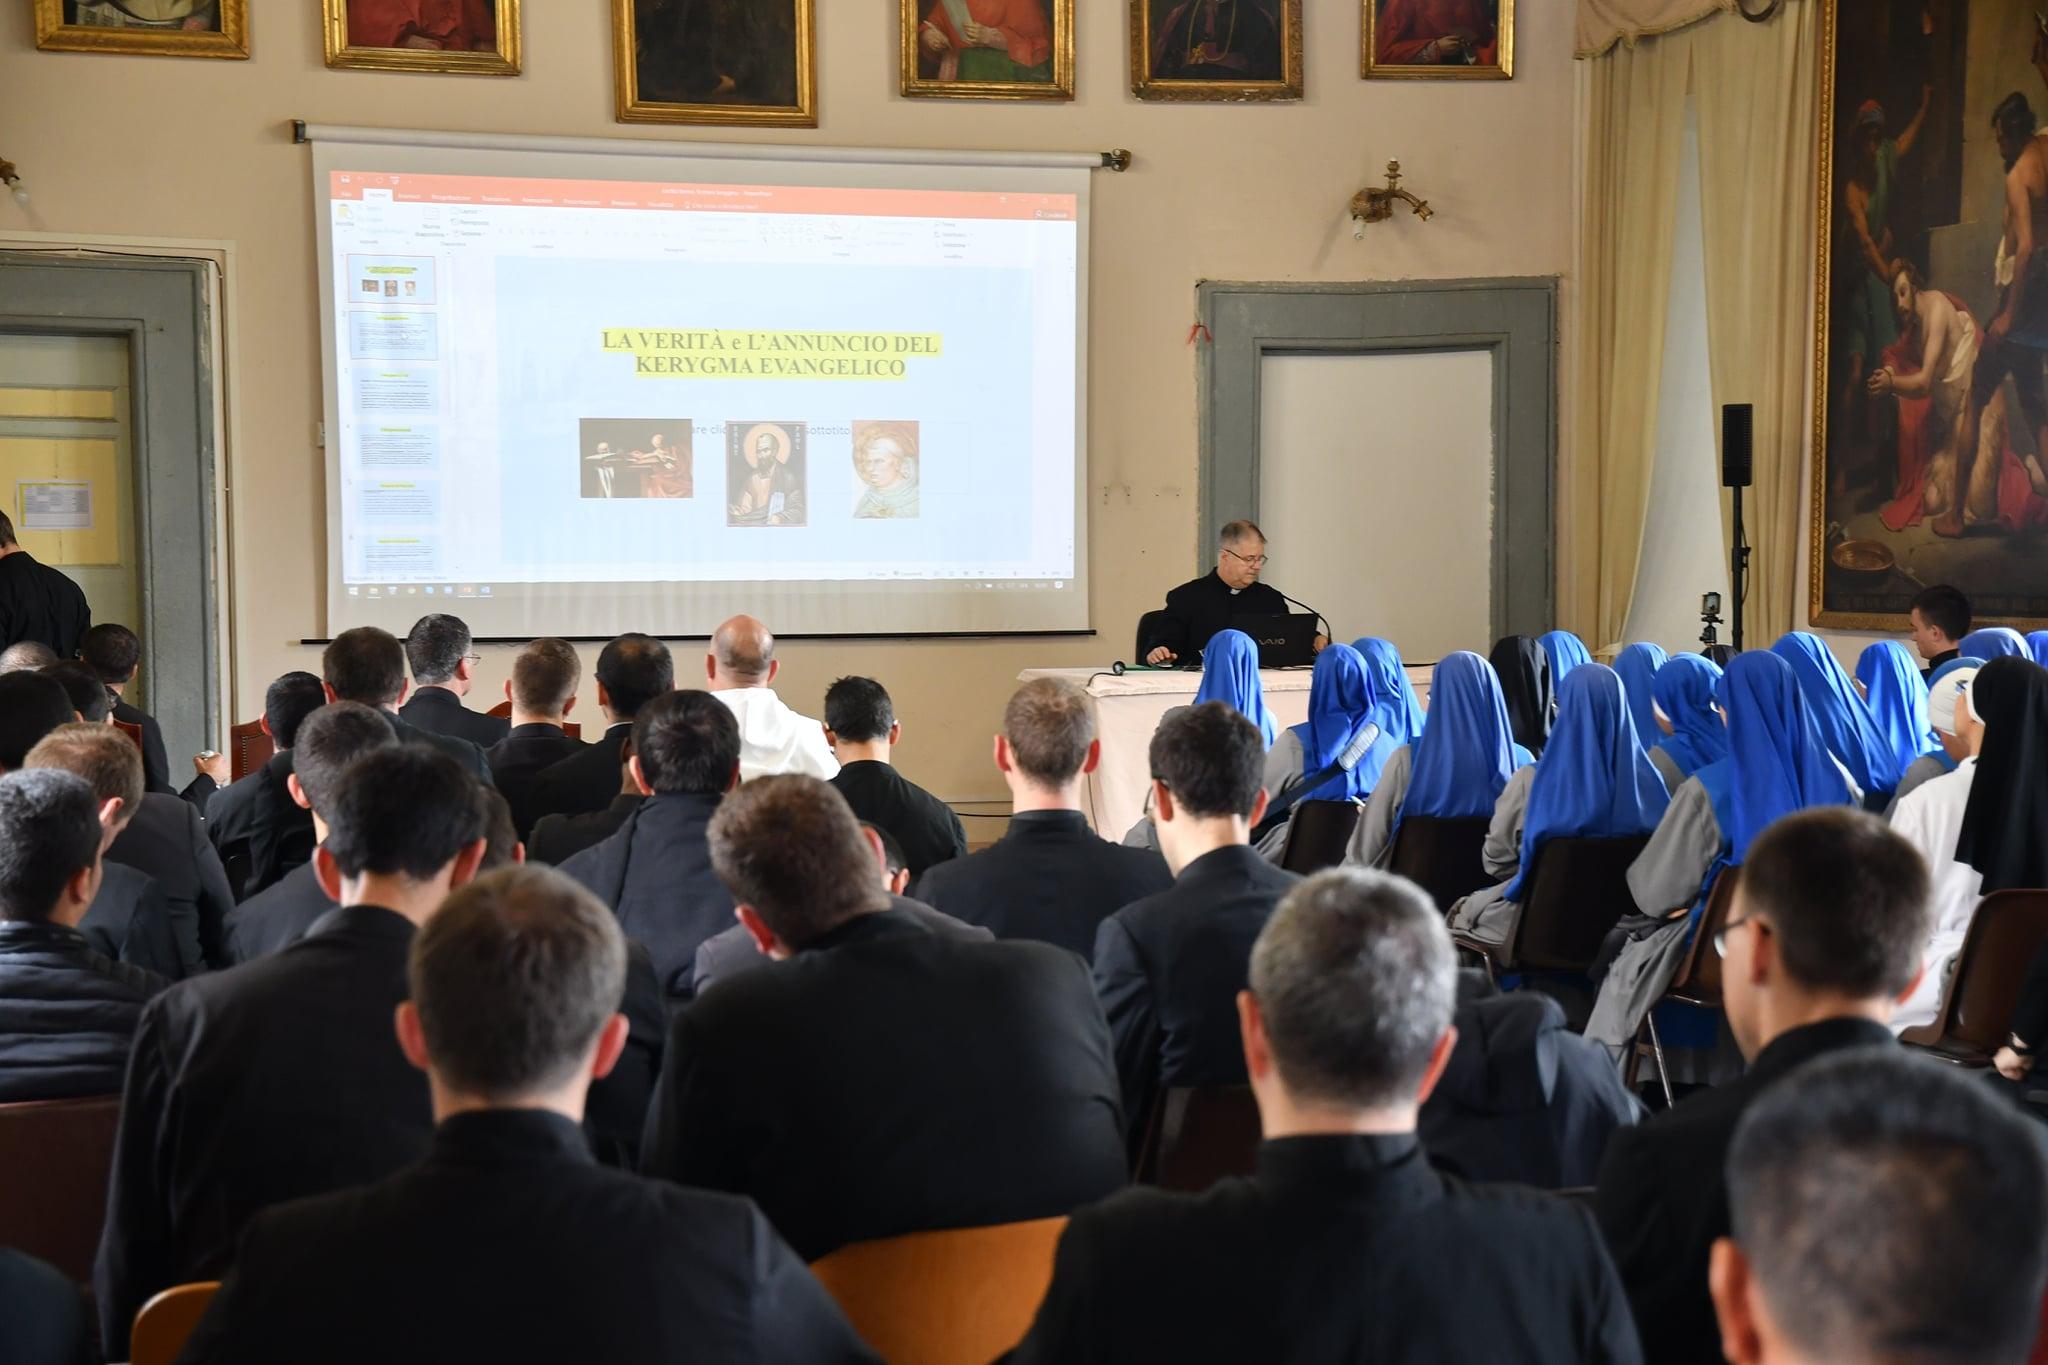 Italia - Inicio del año académico en el Seminario Mayor